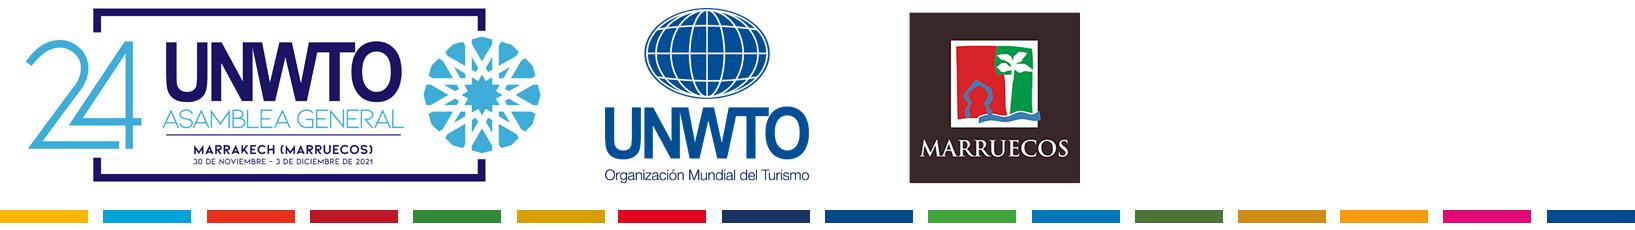 Vigésima cuarta reunión de la Asamblea General de la OMT   Marrakech (Marruecos)